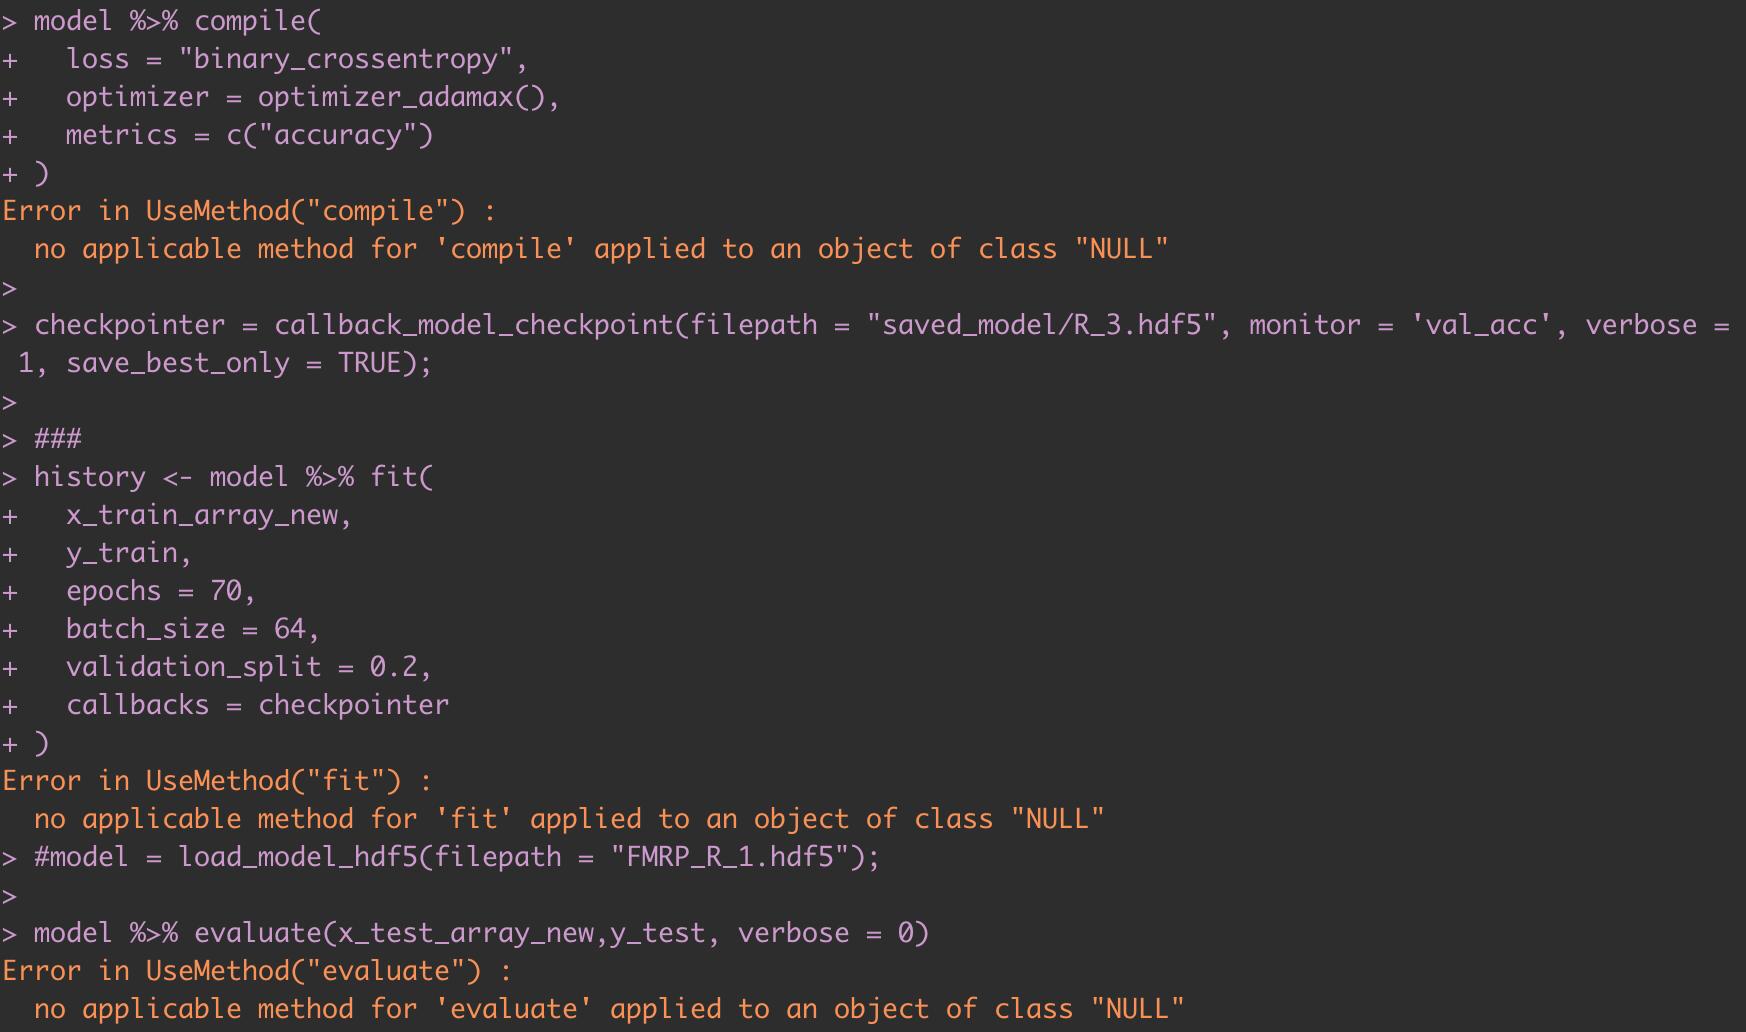 Error in UseMethod(